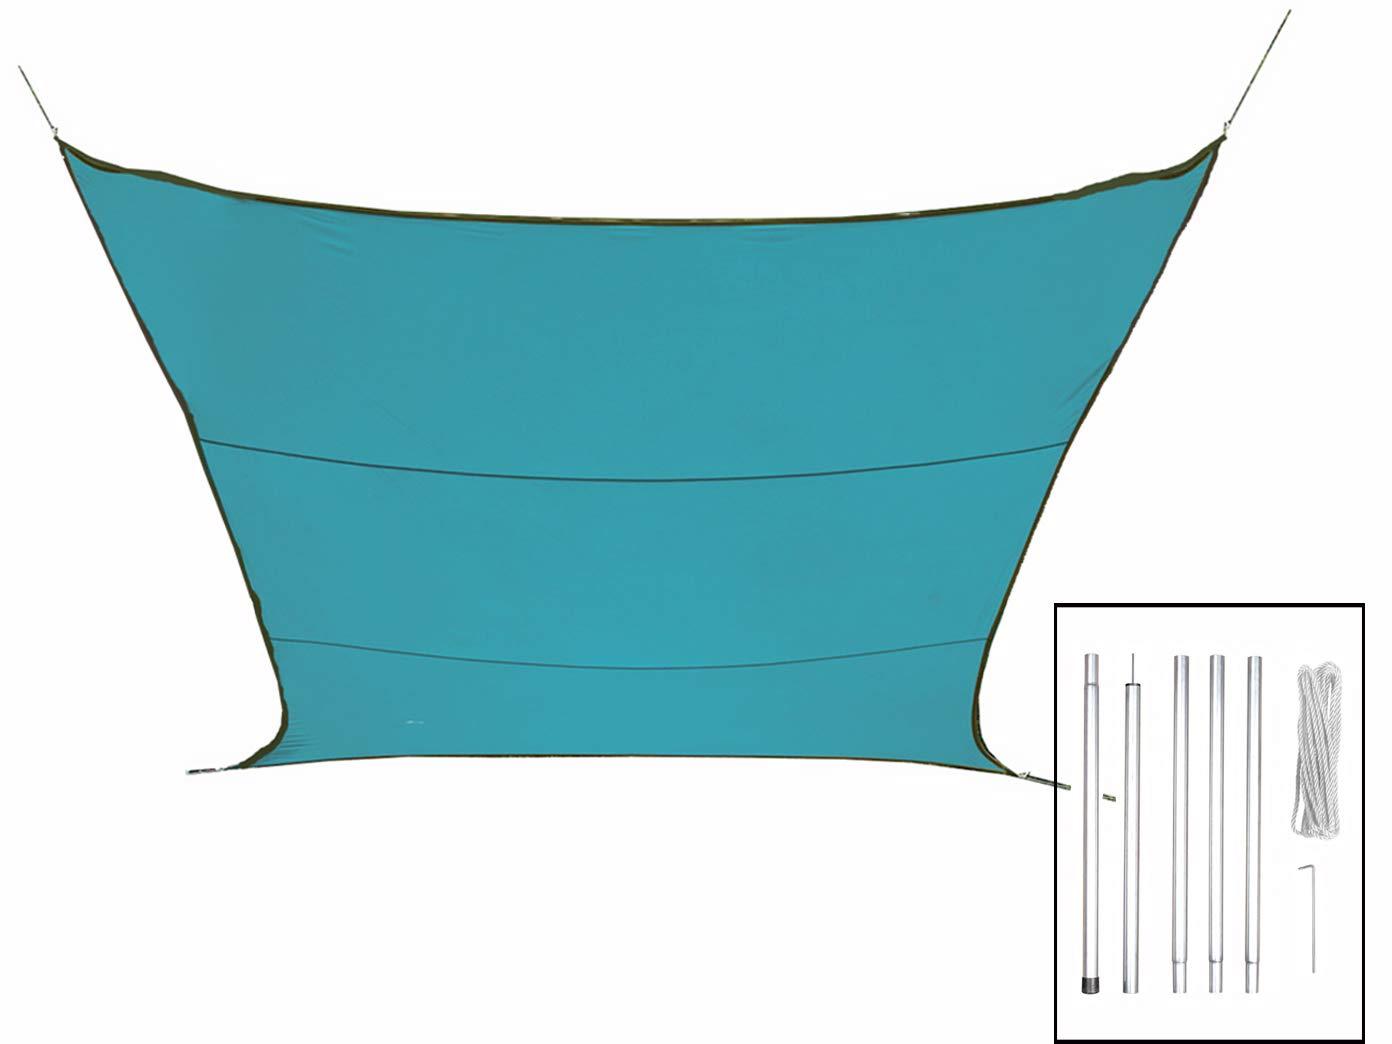 Sonnensegel Rechteckig 2x3m Farbe Blau mit Stangenset - Ihren Sonnenschutz für Ihren - Garten  282198